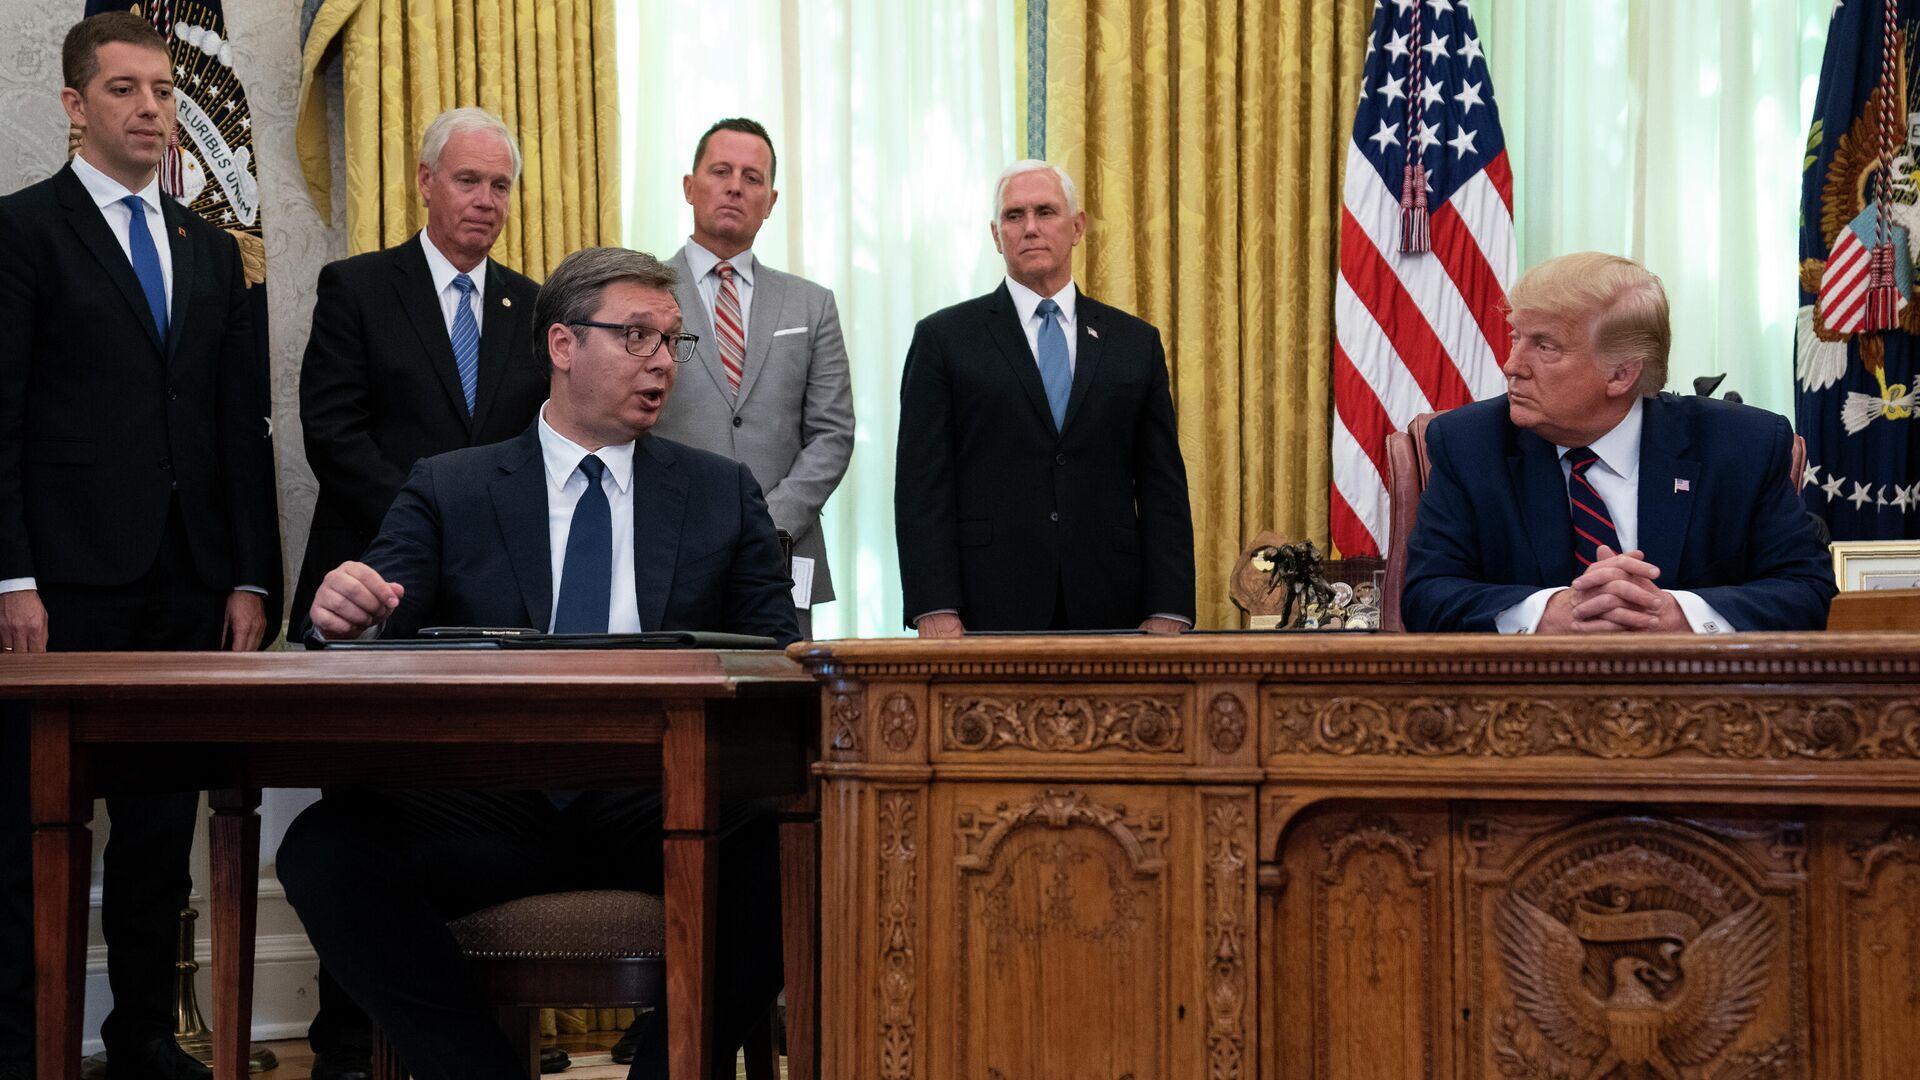 Президент Сербии Александр Вучич и президент США Дональд Трамп во время церемонии подписания соглашения об экономическом сотрудничестве с премьер-министром Косова Авдулахом Хоти - РИА Новости, 1920, 11.09.2020